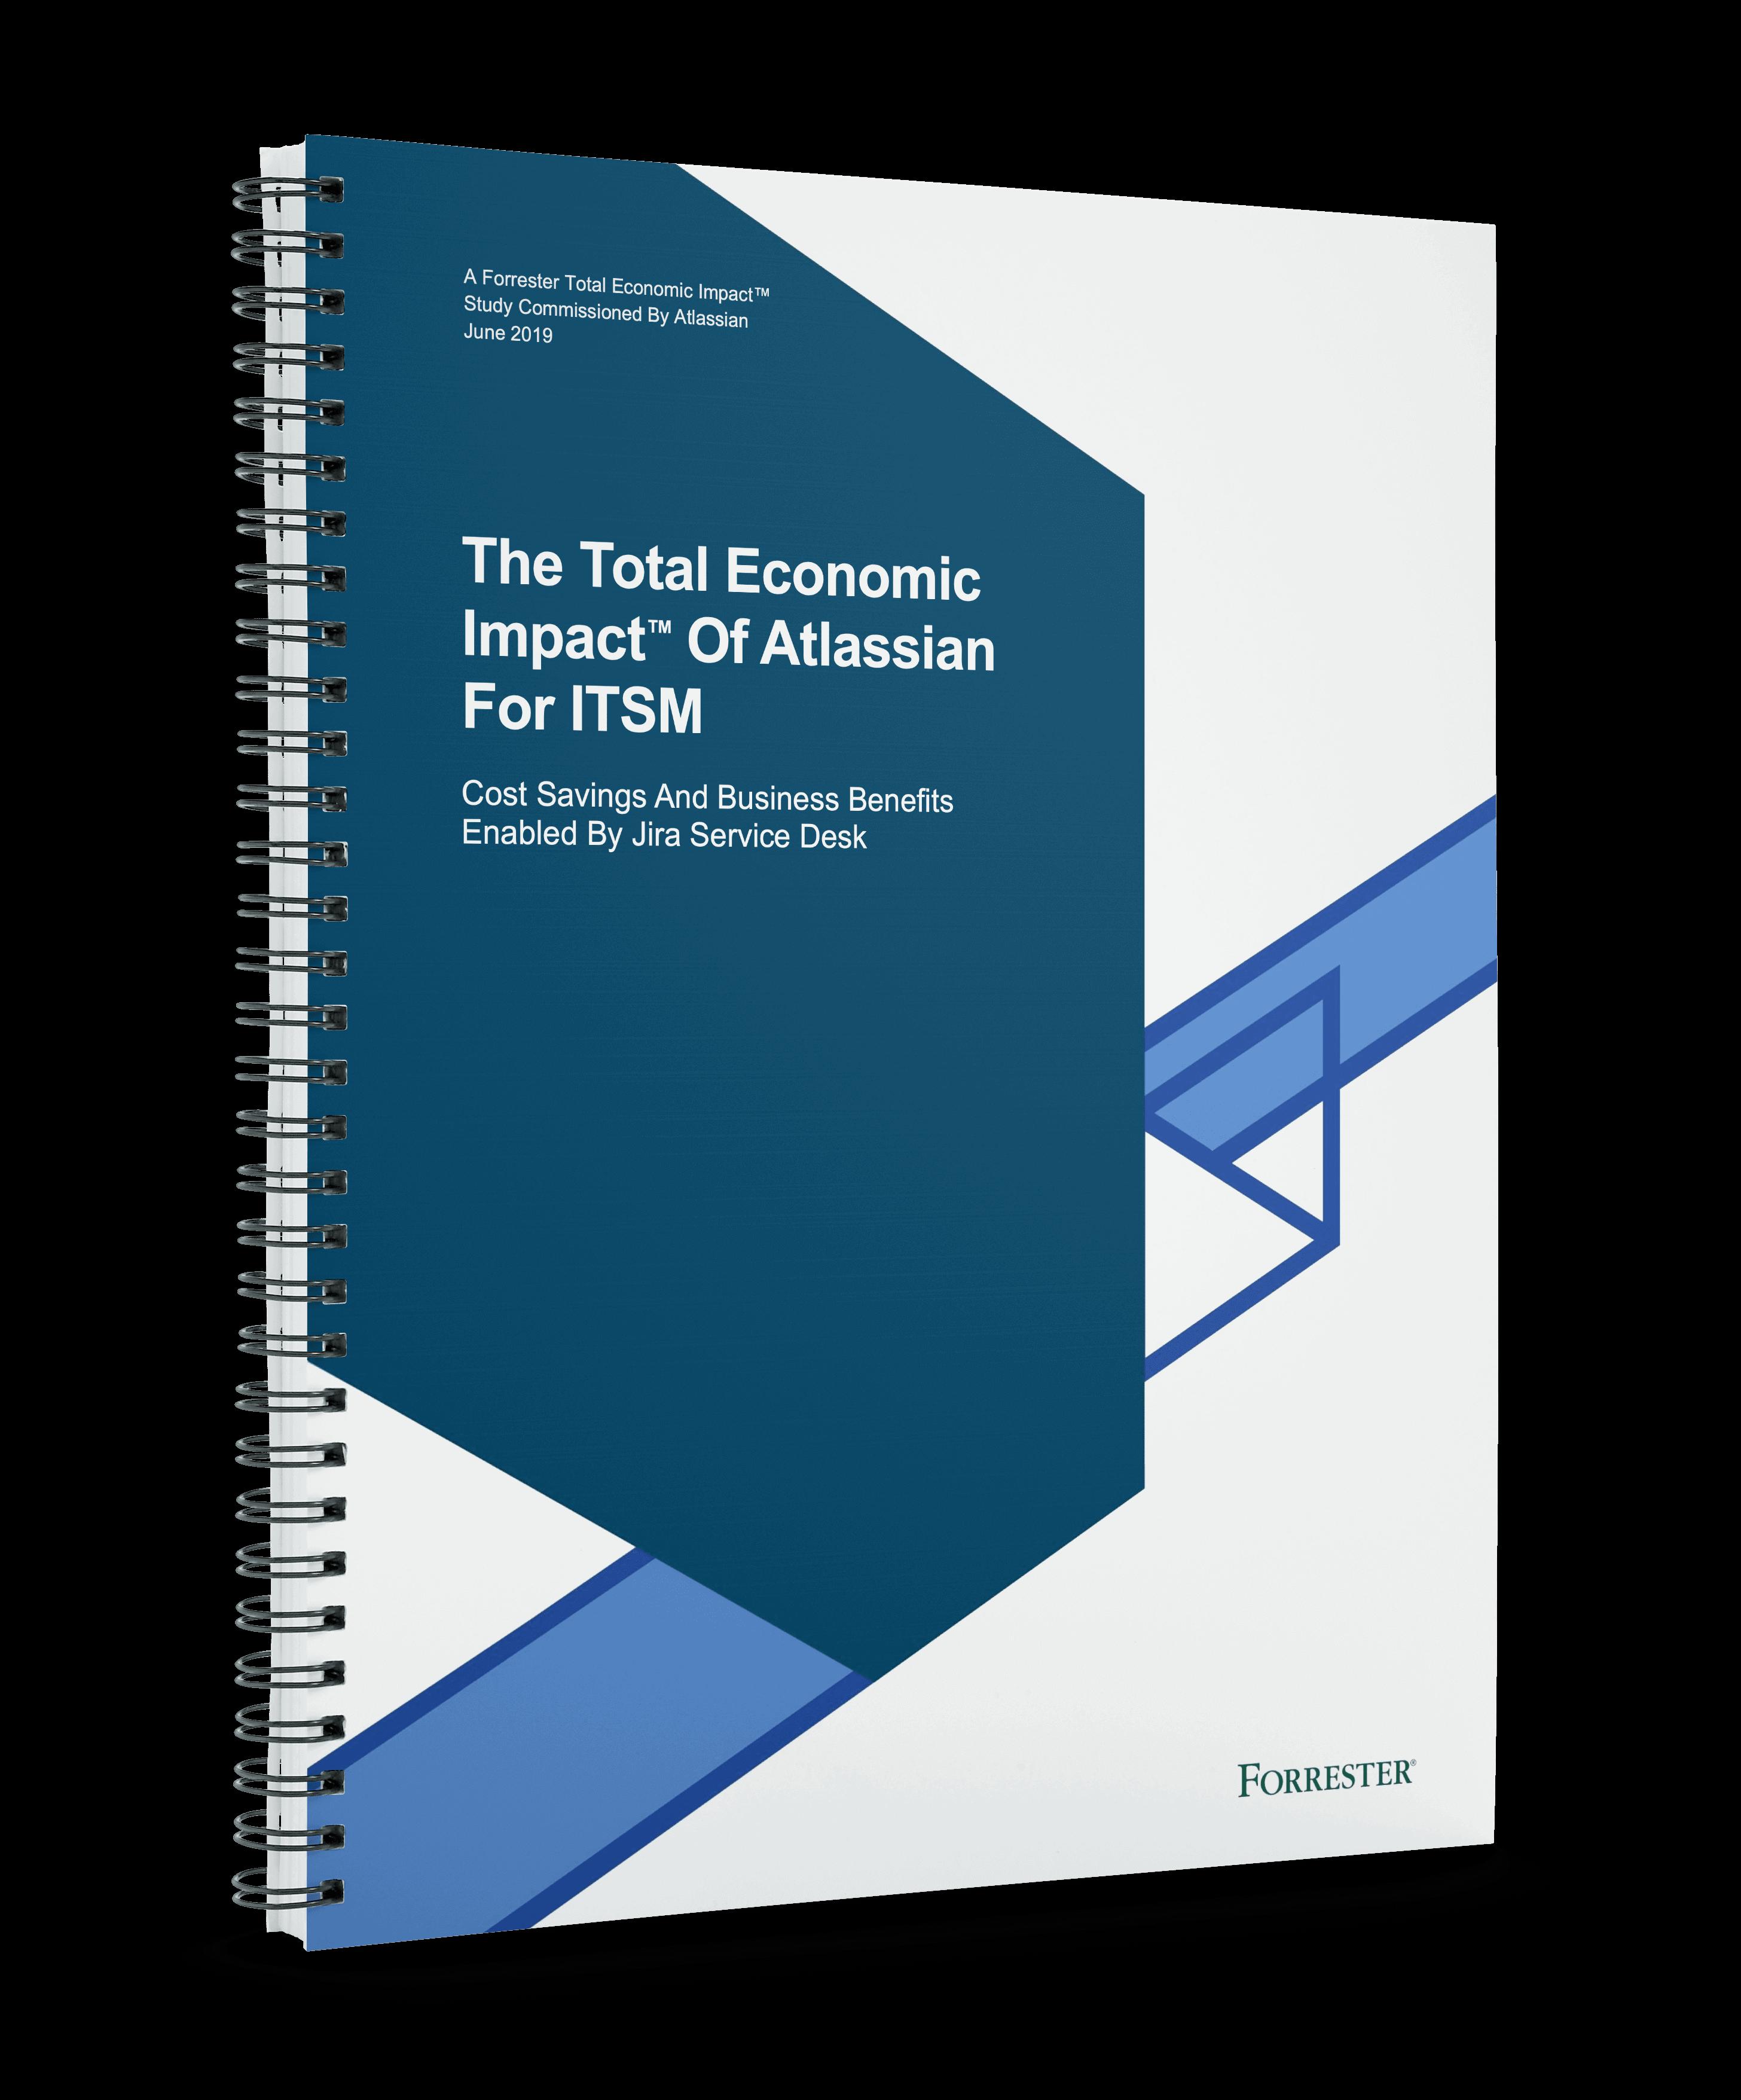 Обложка документа «Совокупный экономический эффект ITSM-решения Atlassian» (Total Economic Impact™ Of Atlassian For ITSM)